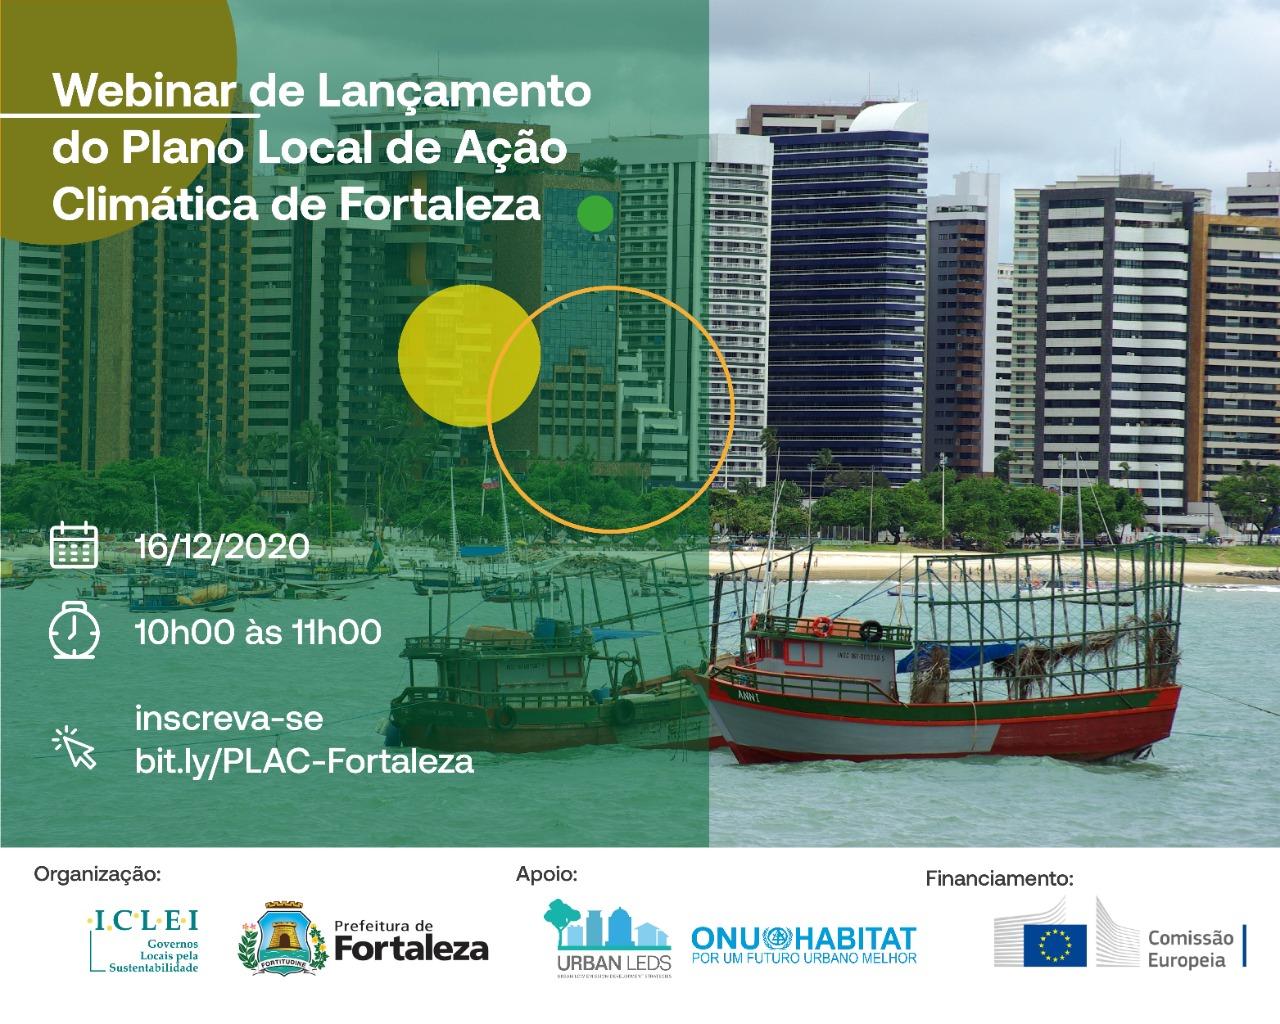 Webinar de Apresentação do Plano Local de Ação Climática (PLAC) de Fortaleza